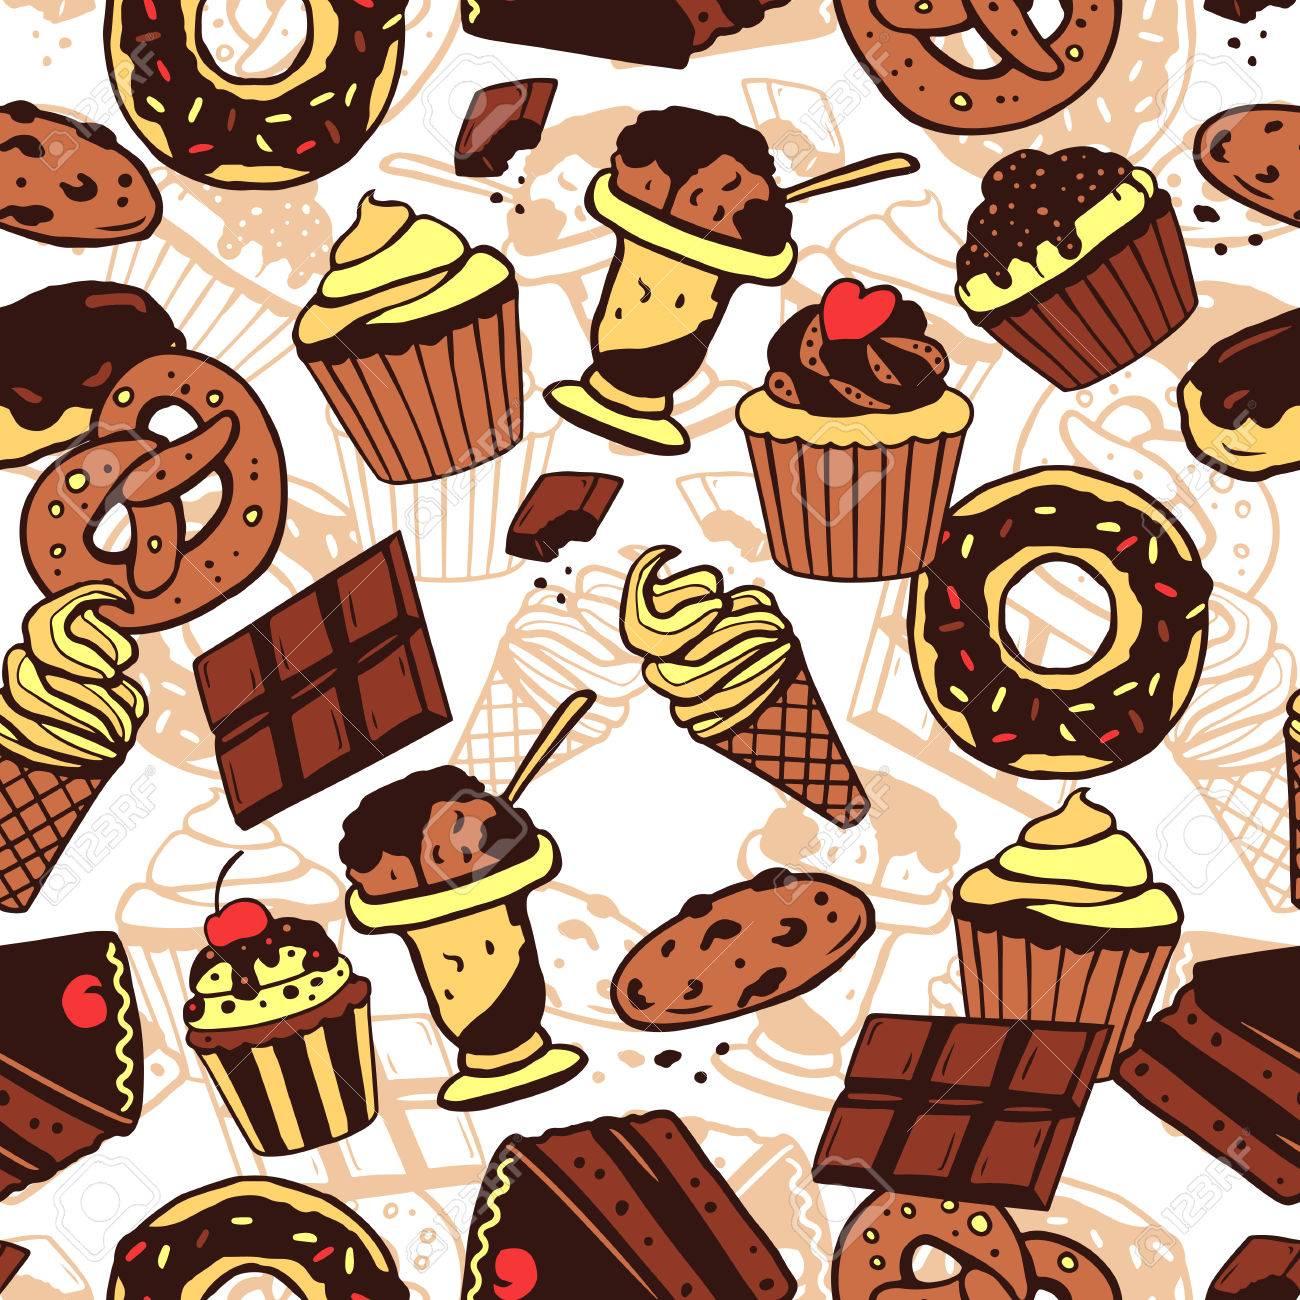 甘い食品 ケーキ チョコレート アイスクリーム クッキーとの